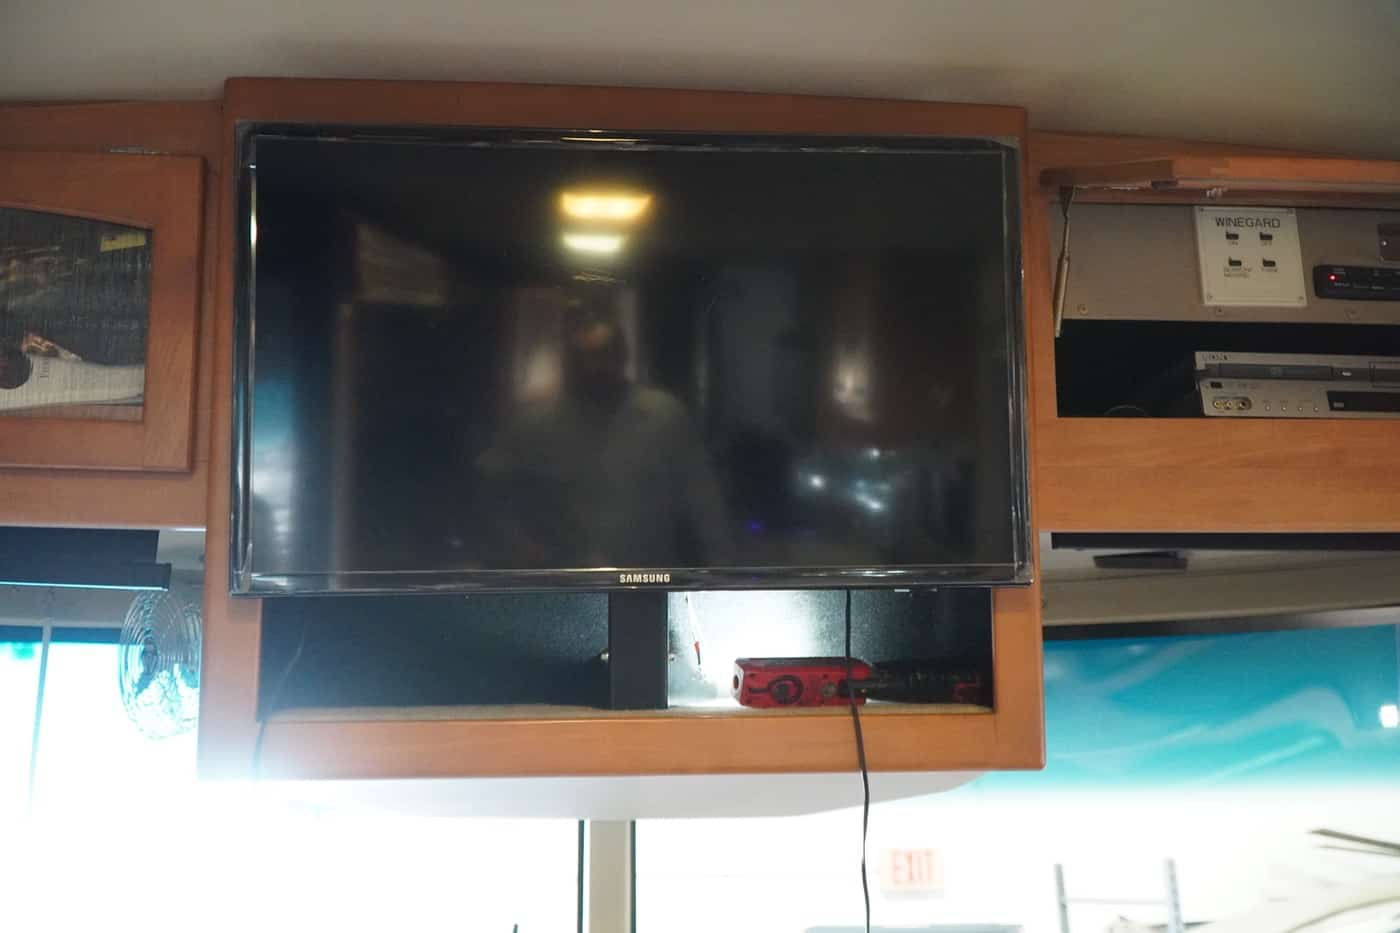 RV TV Repair Shop Near Me